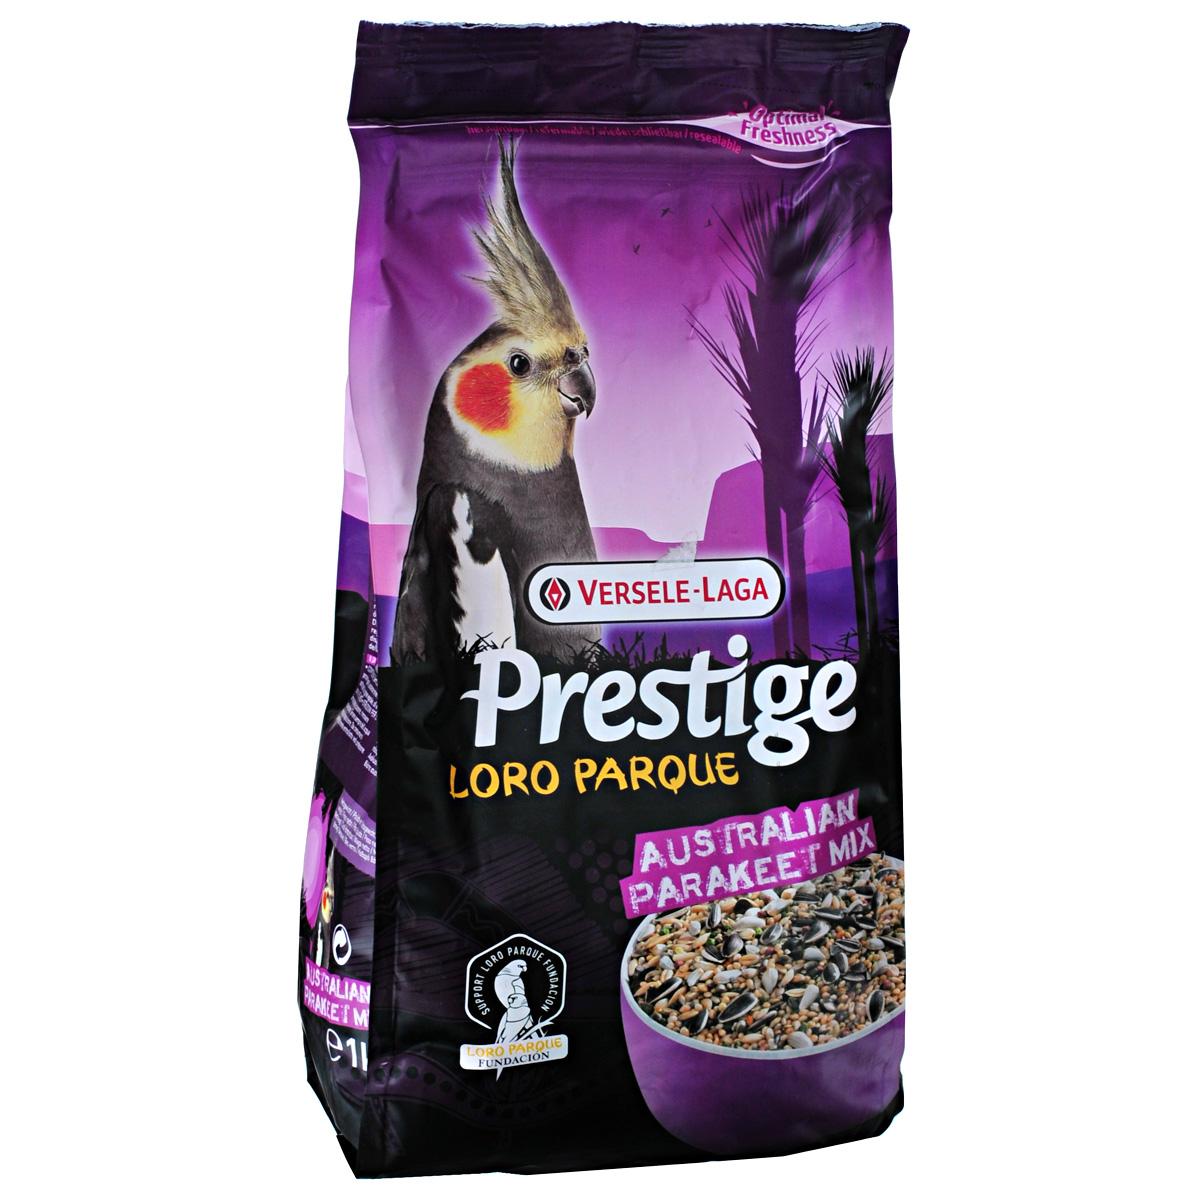 Корм для средних австралийских попугаев Versele-Laga Australian Parakeet, 1 кг витамины б12